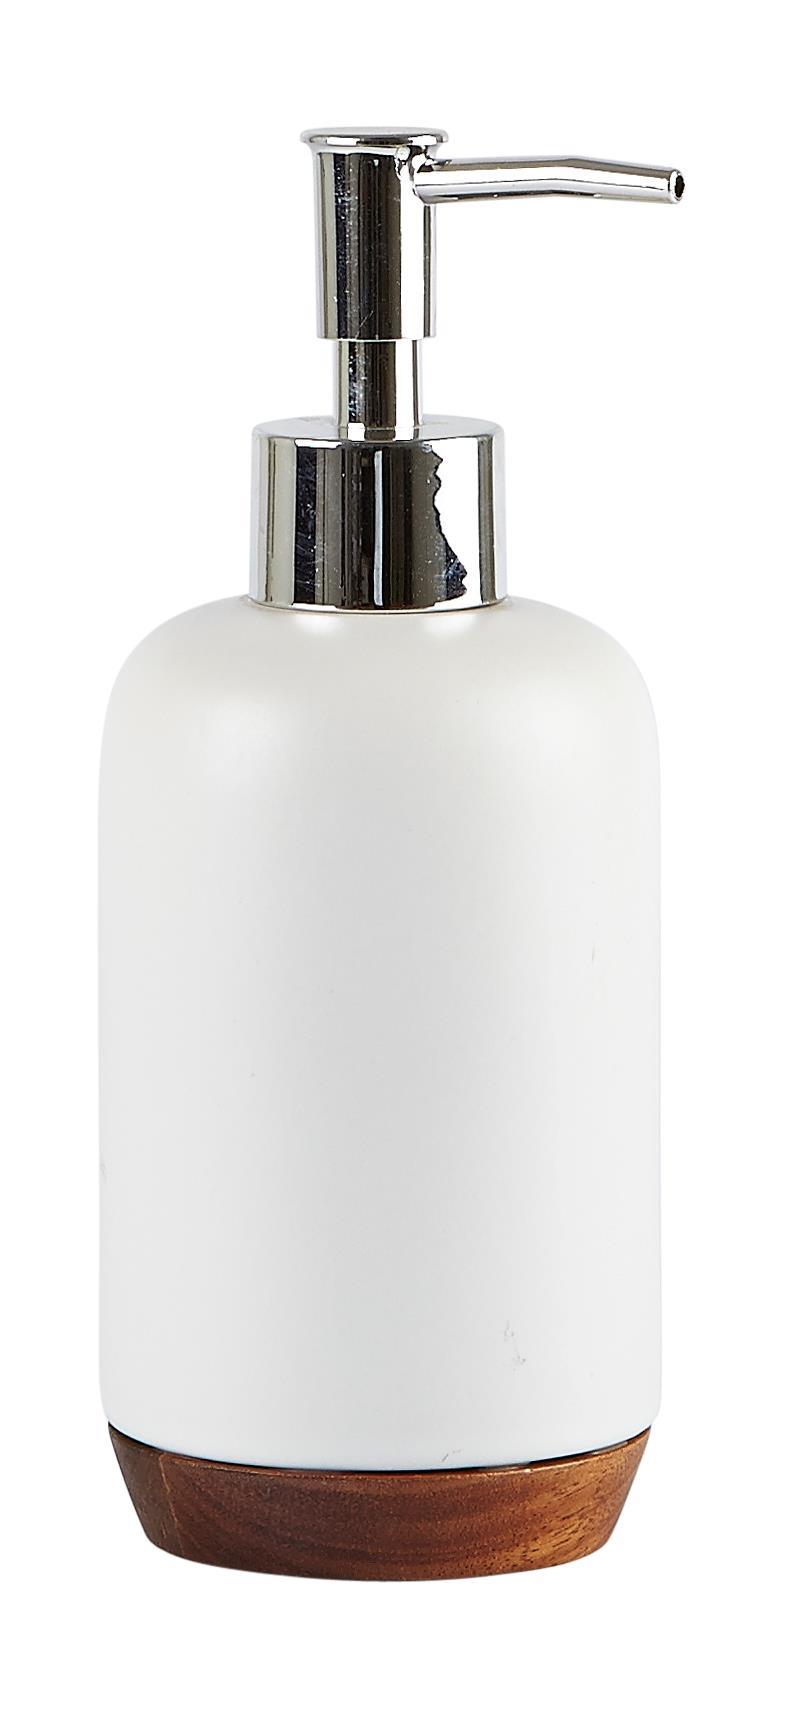 Dozator pentru sapun din ceramica, 350 ml, Kj-Alb imagine